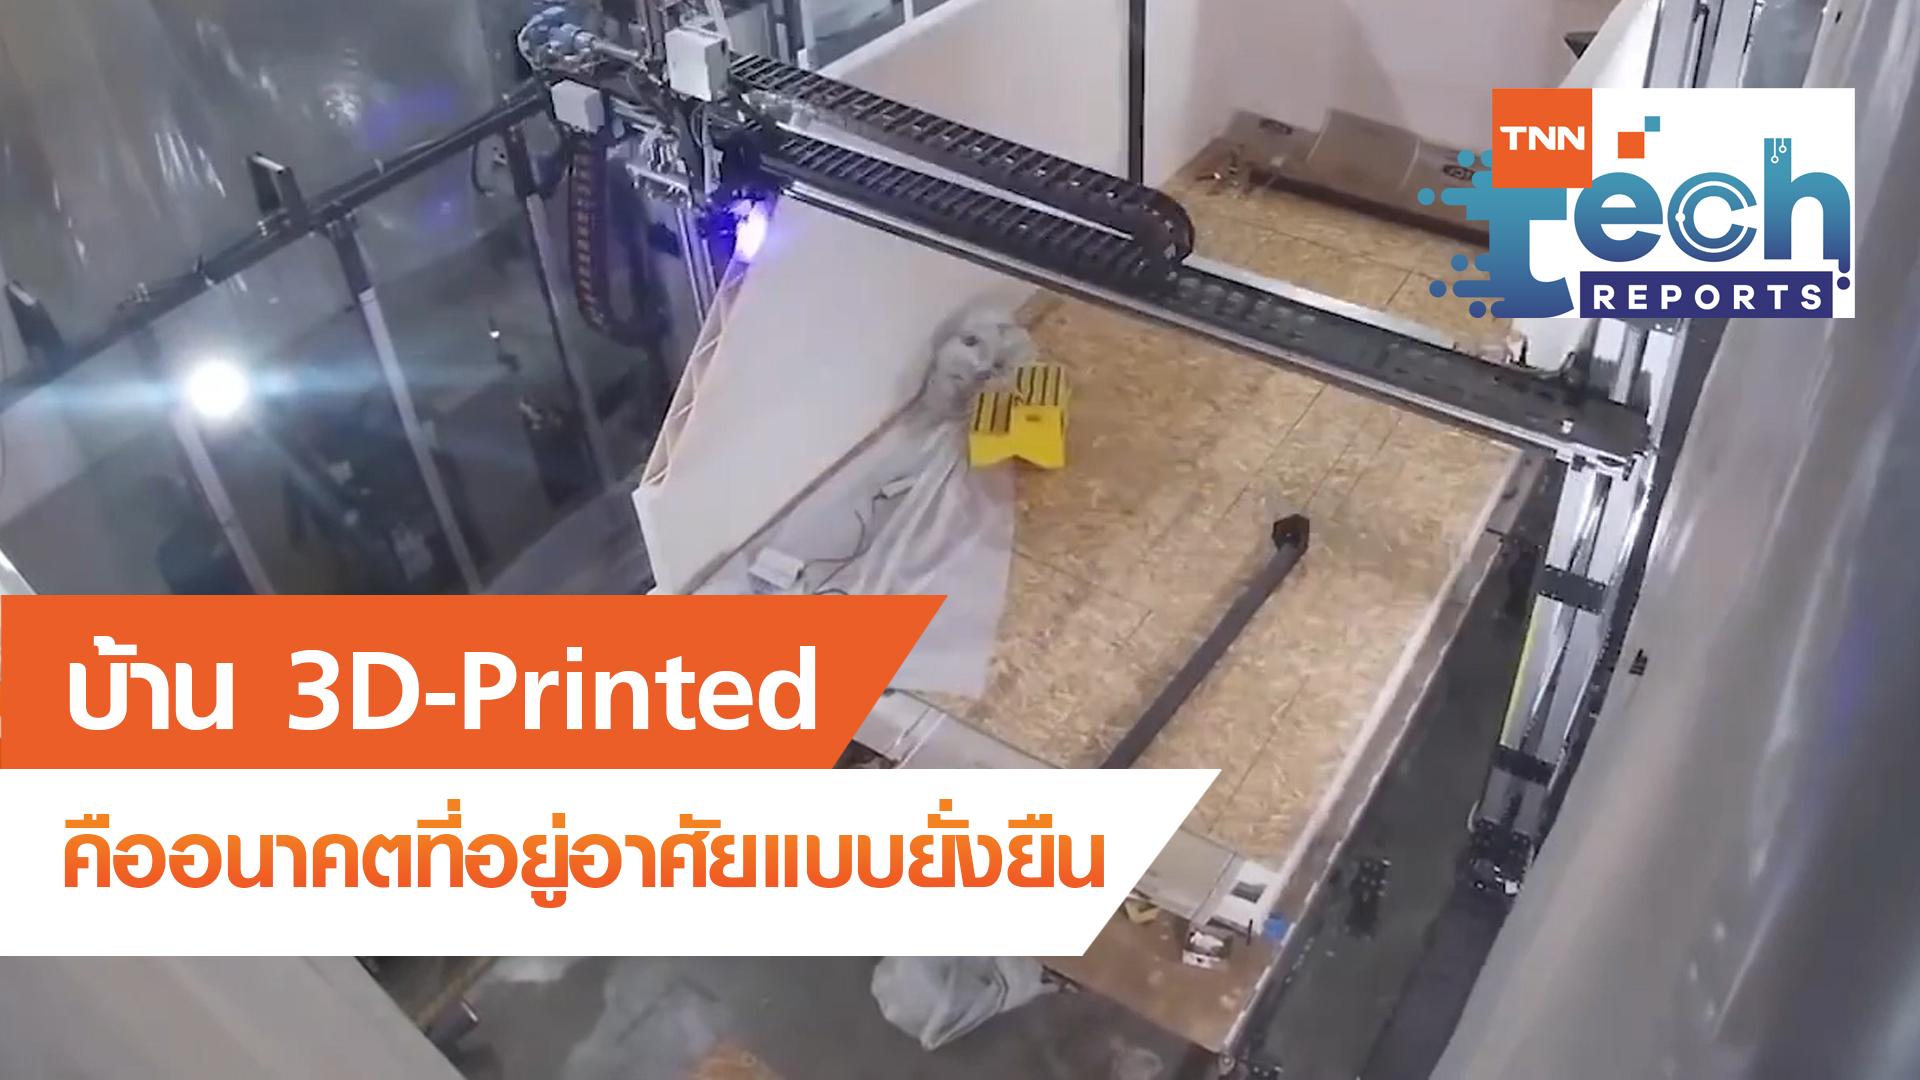 บ้าน 3D-Printed คืออนาคตที่อยู่อาศัยแบบยั่งยืน   TNN Tech Reports EP 7   13 ต.ค. 63